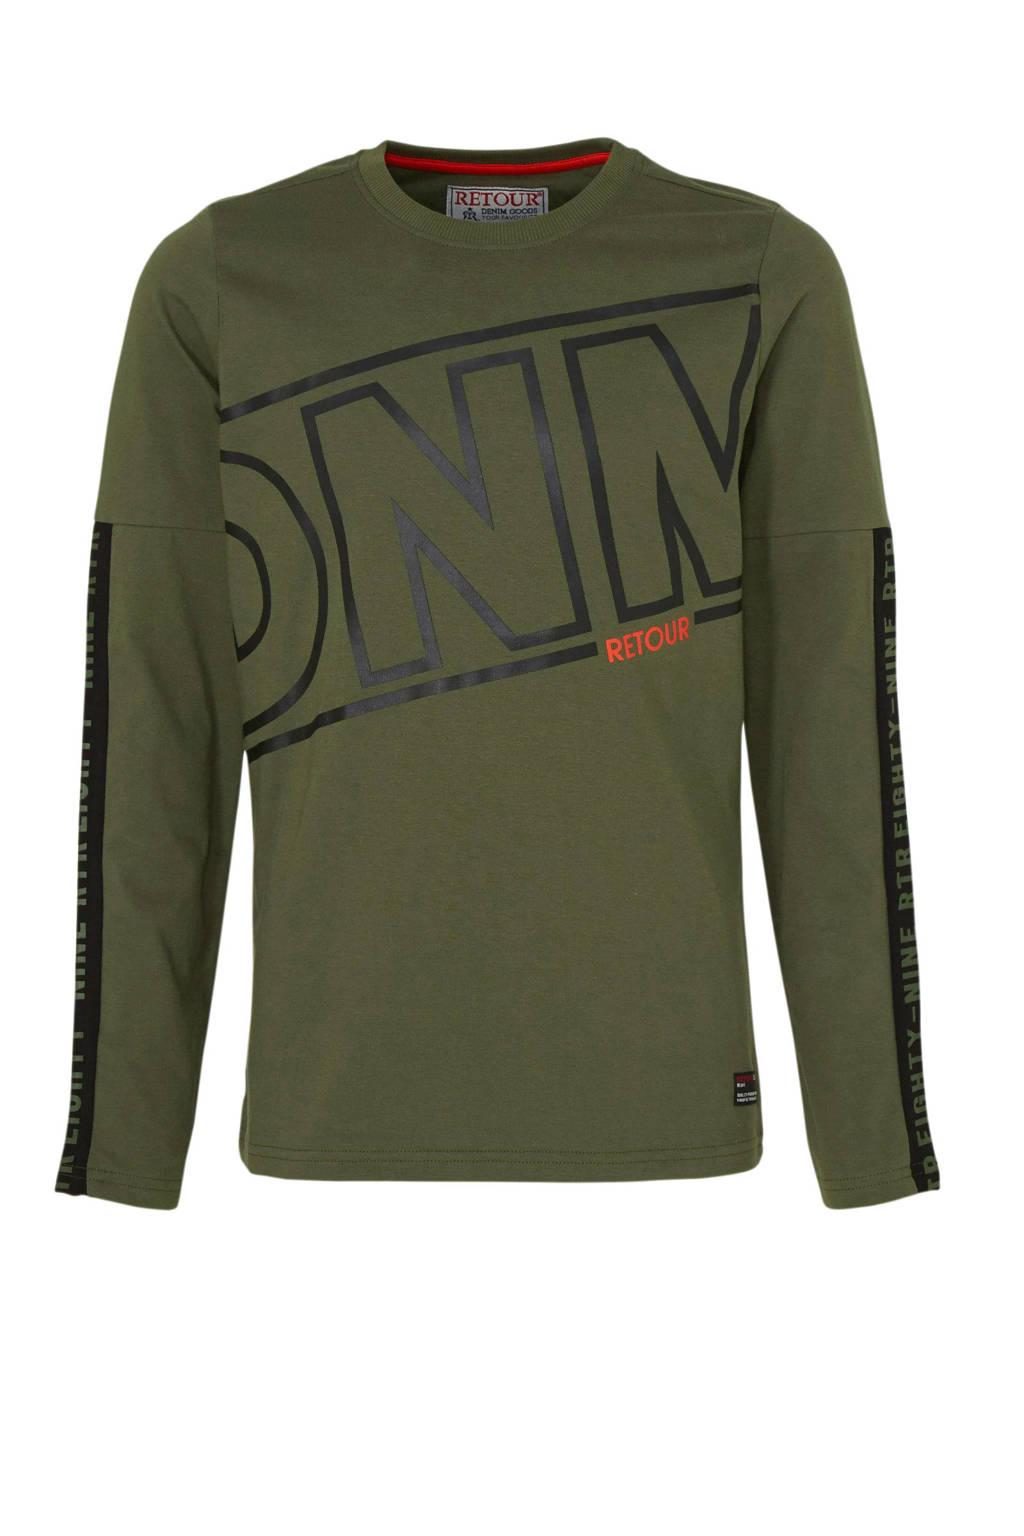 Retour Denim longsleeve Sjoerd met printopdruk army groen, Army groen